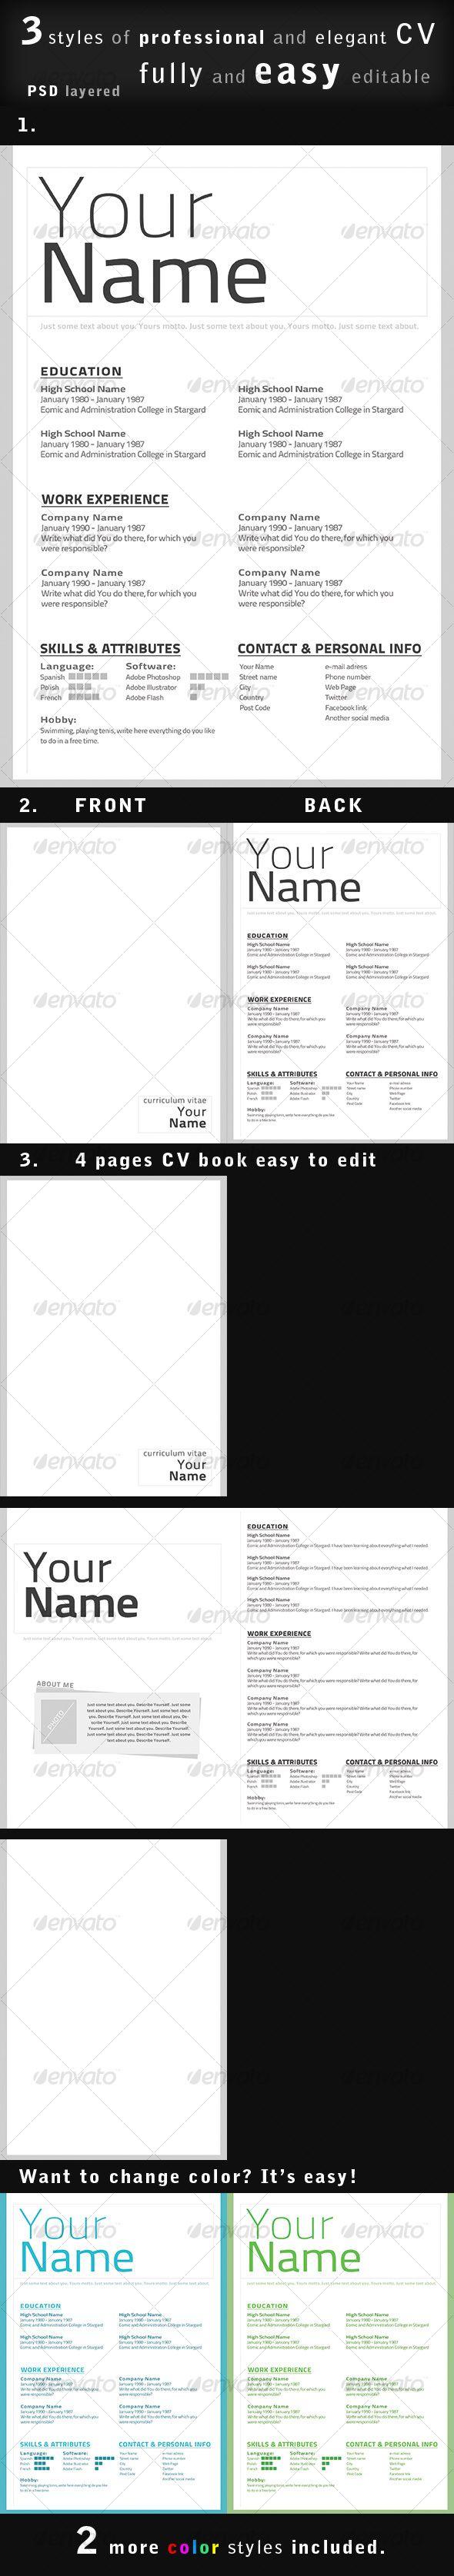 25 Best Easy Resume Template Ideas On Pinterest Resume Design